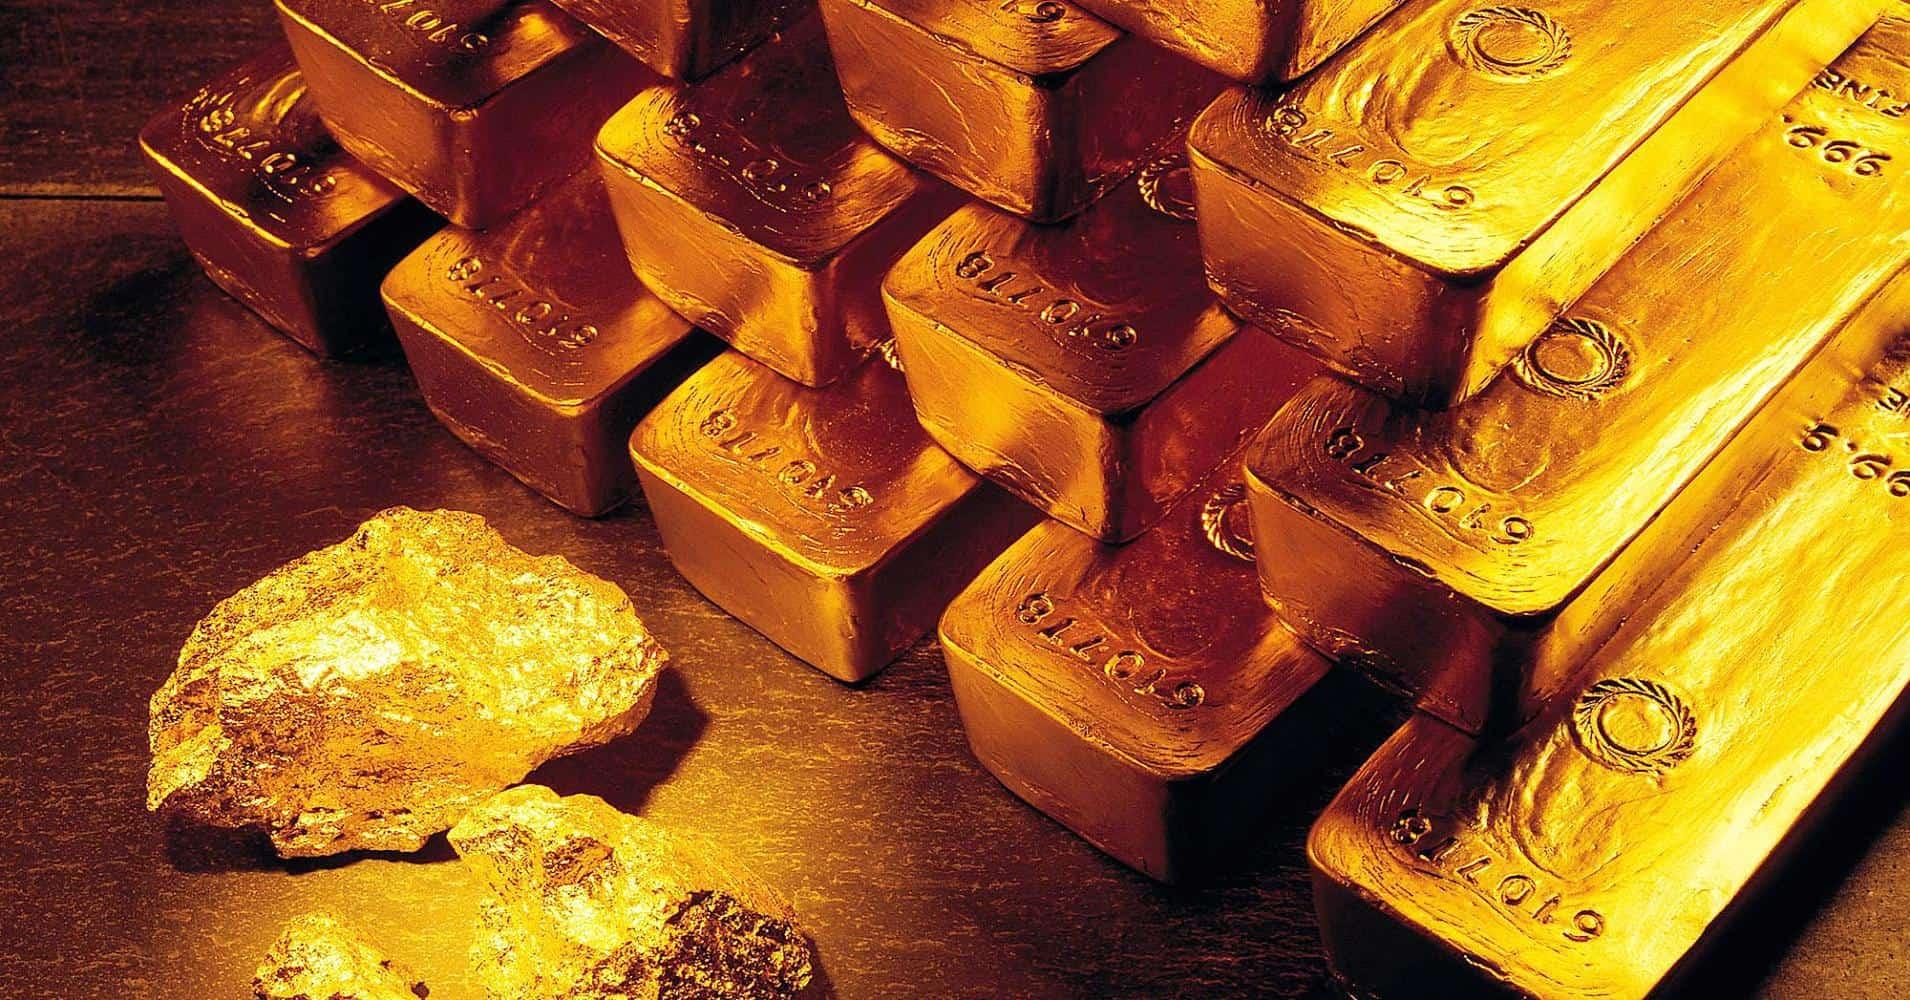 صوره تفسير حلم الذهب , ما تفسير حلم الذهب فى المنام